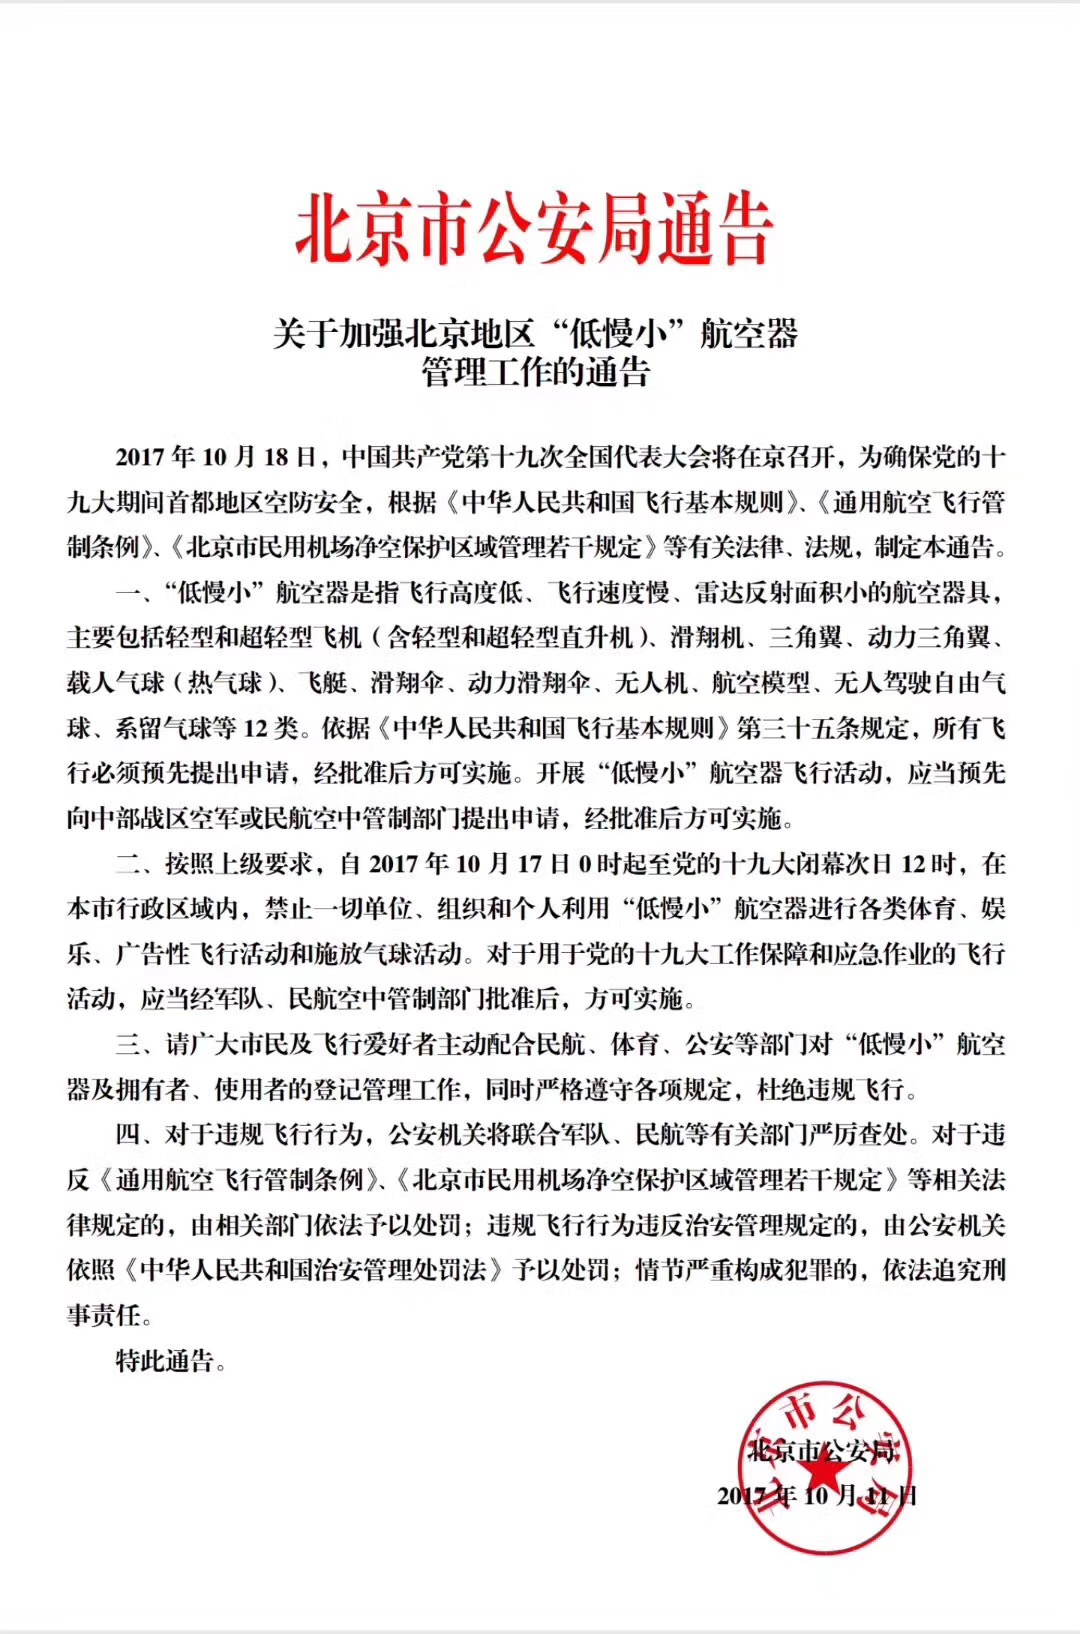 注意了!北京市无人机最新禁飞时间公布!